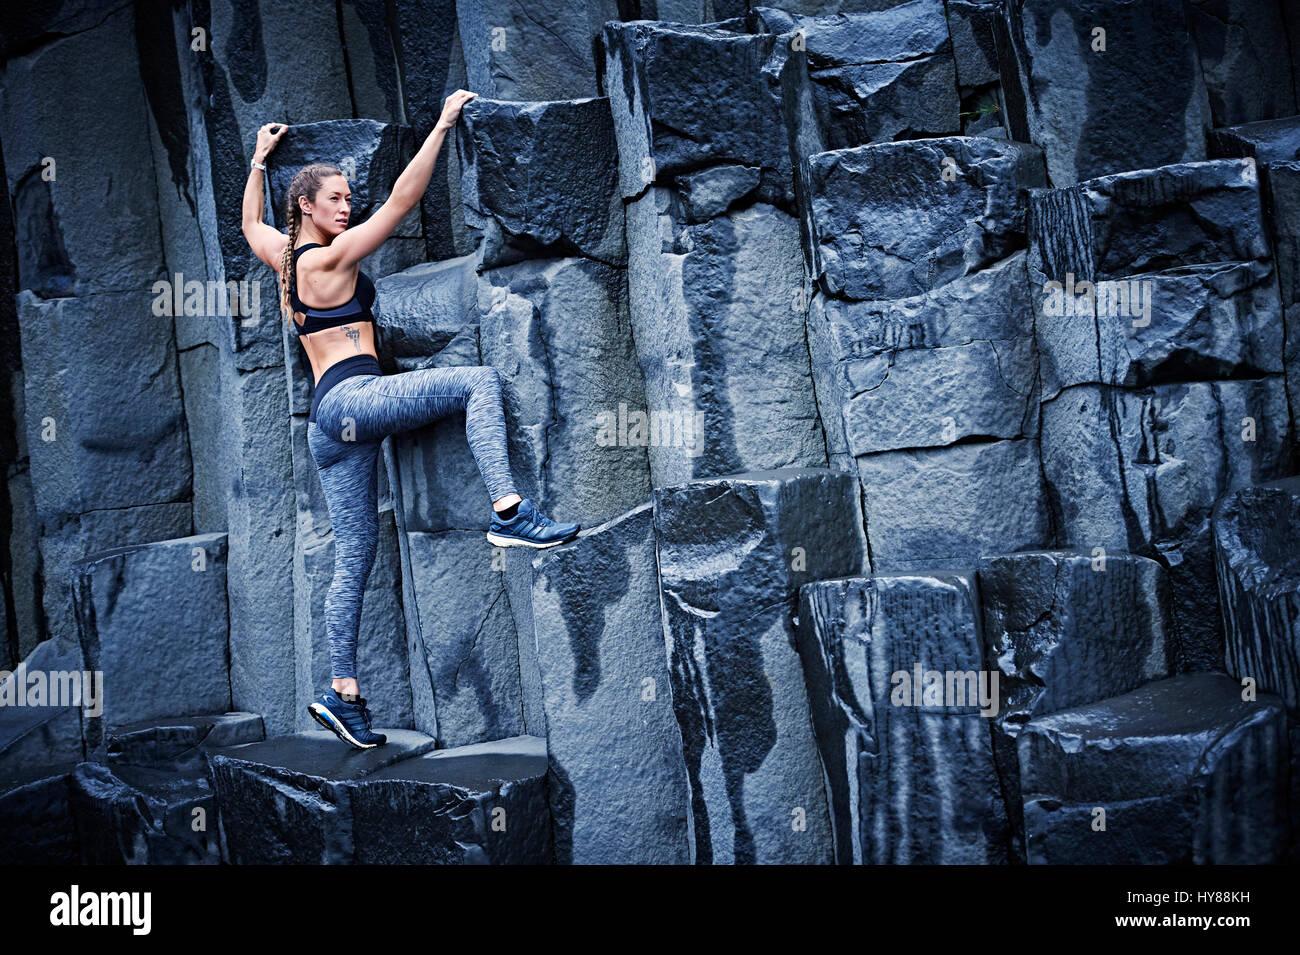 Feliz confía en las mujeres jóvenes la escalada en roca basáltica en el sur de Islandia Foto de stock